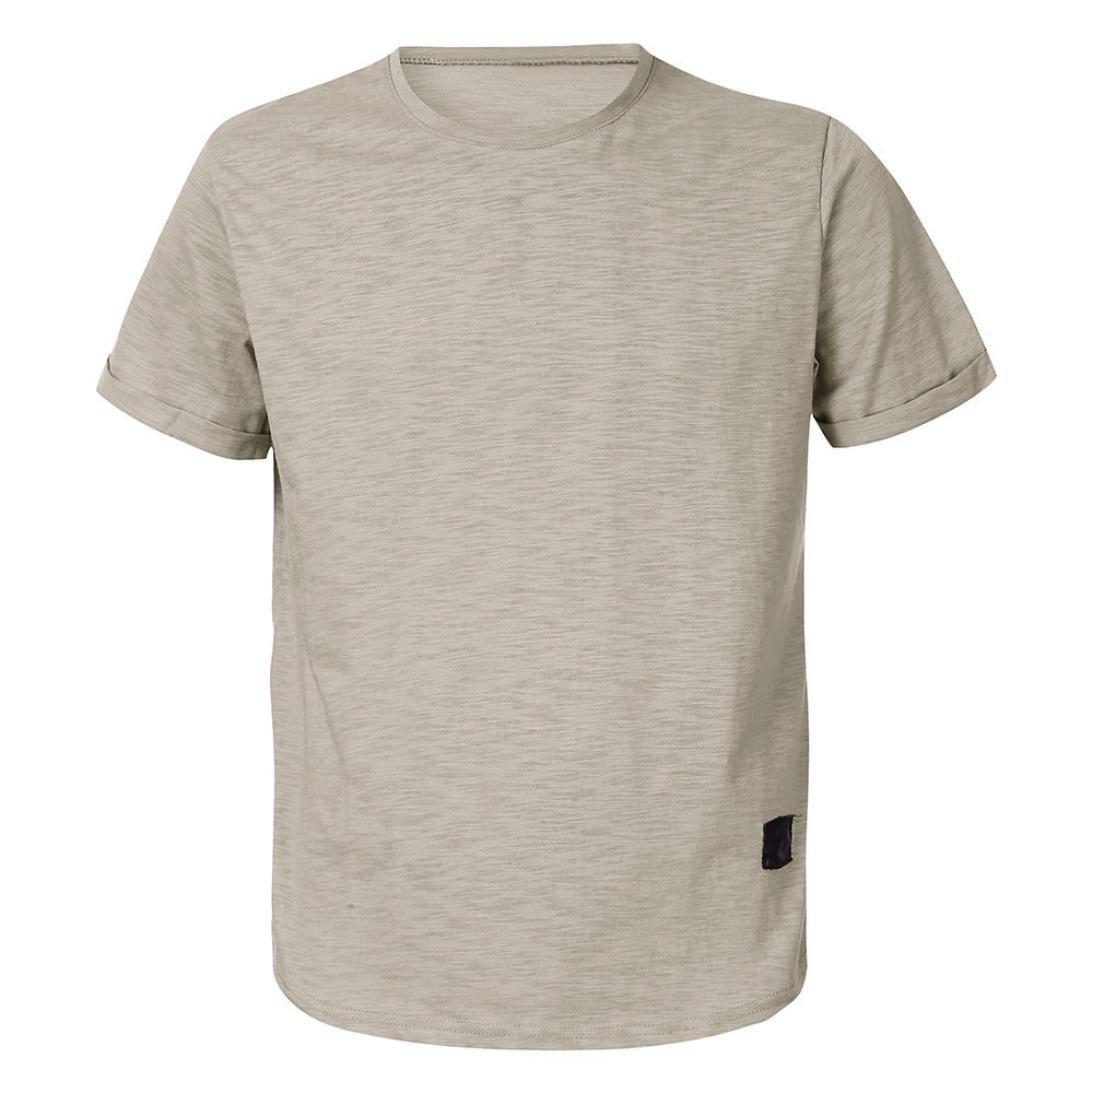 WWricotta Camisetas Hombre Manga Corta Color Puro Músculo Gimnasio Deporte Slim Fit Streetwear Camisas Casual Sudaderas: Amazon.es: Deportes y aire libre